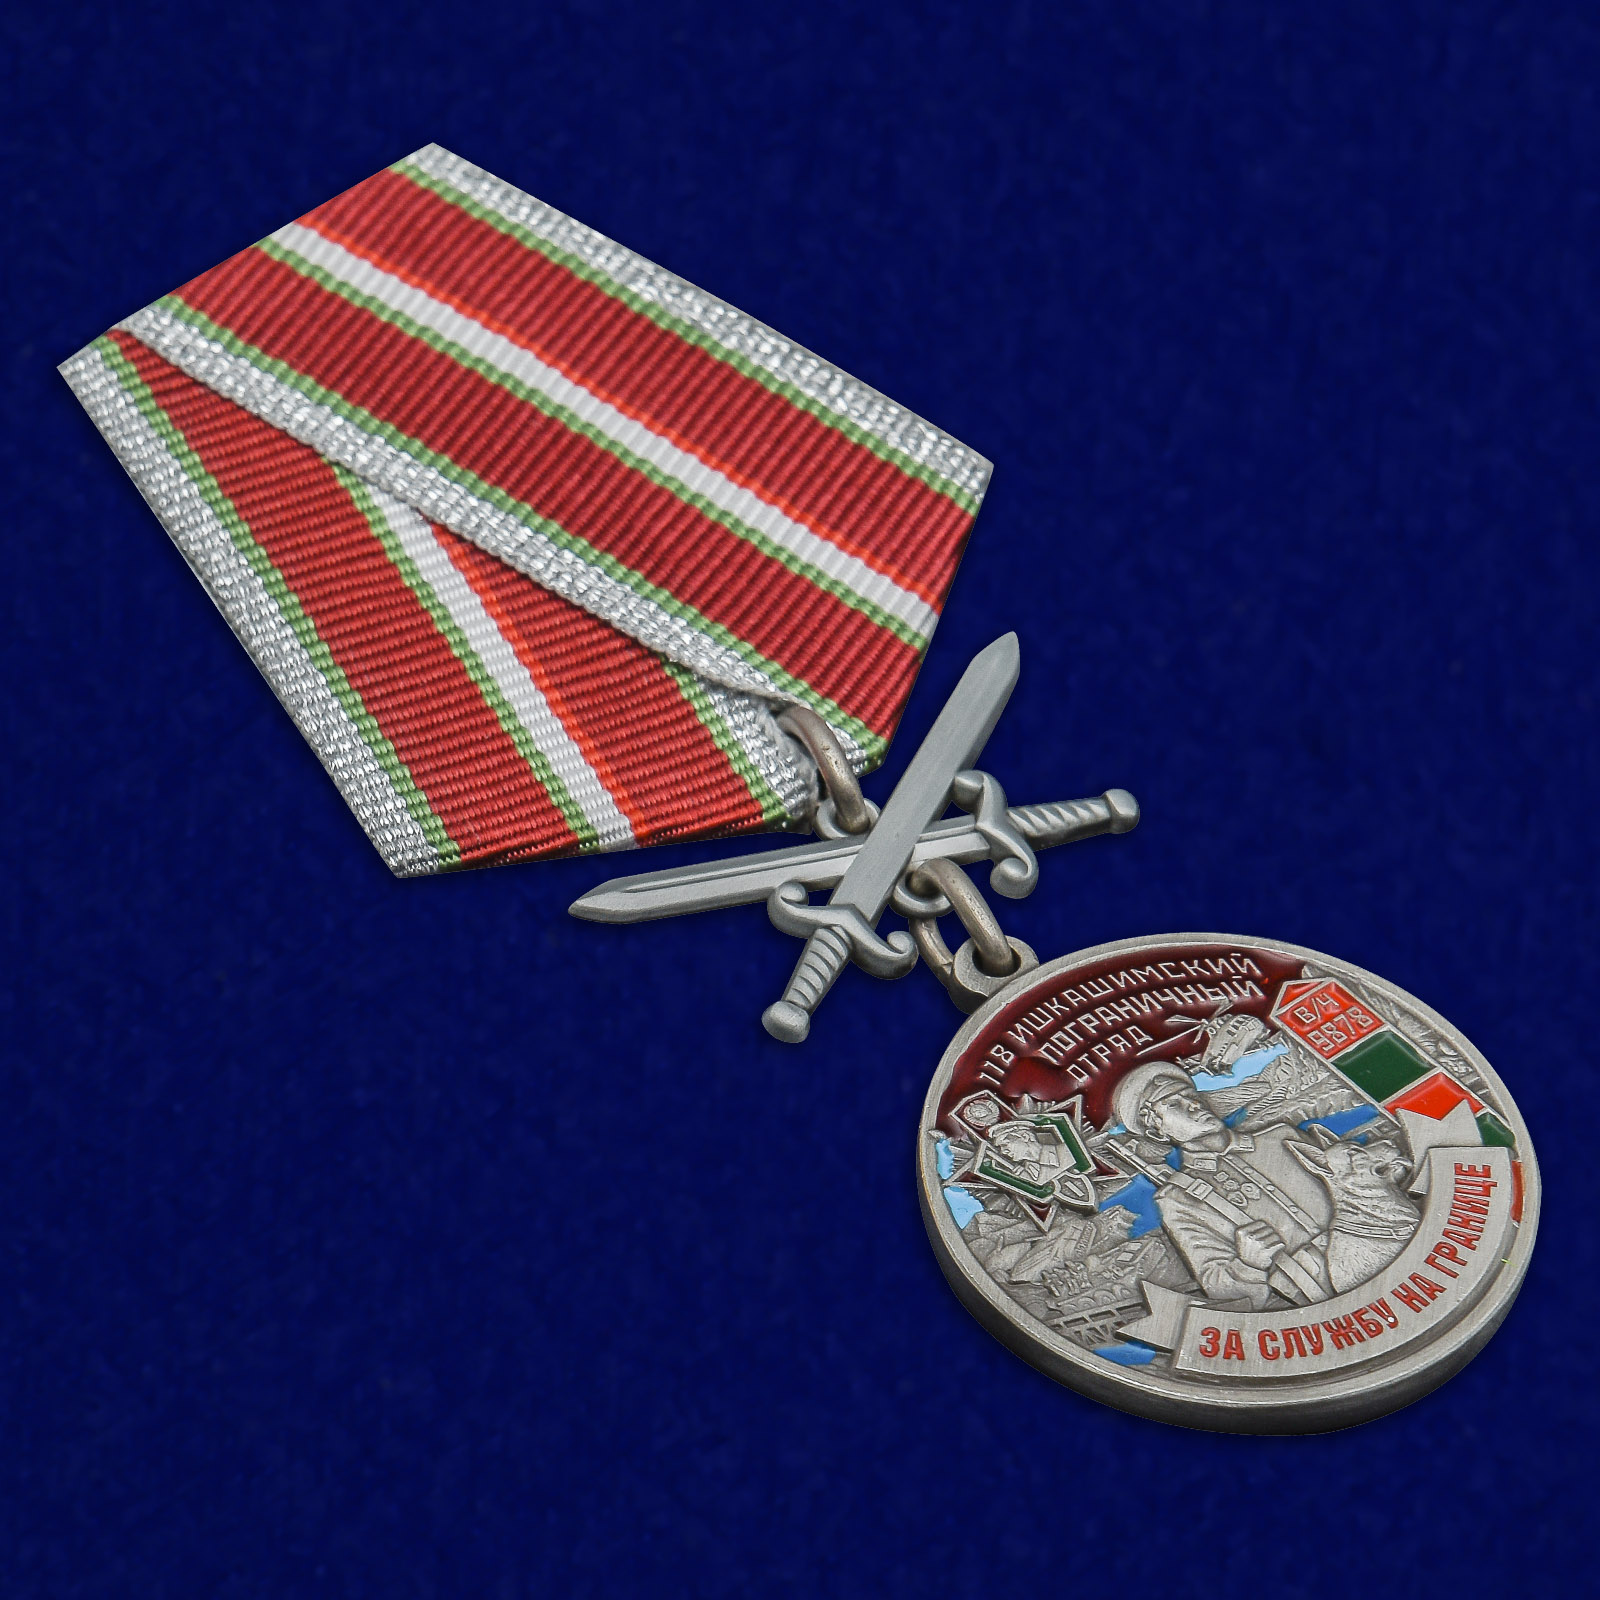 Латунная медаль За службу в Ишкашимском пограничном отряде - общий вид